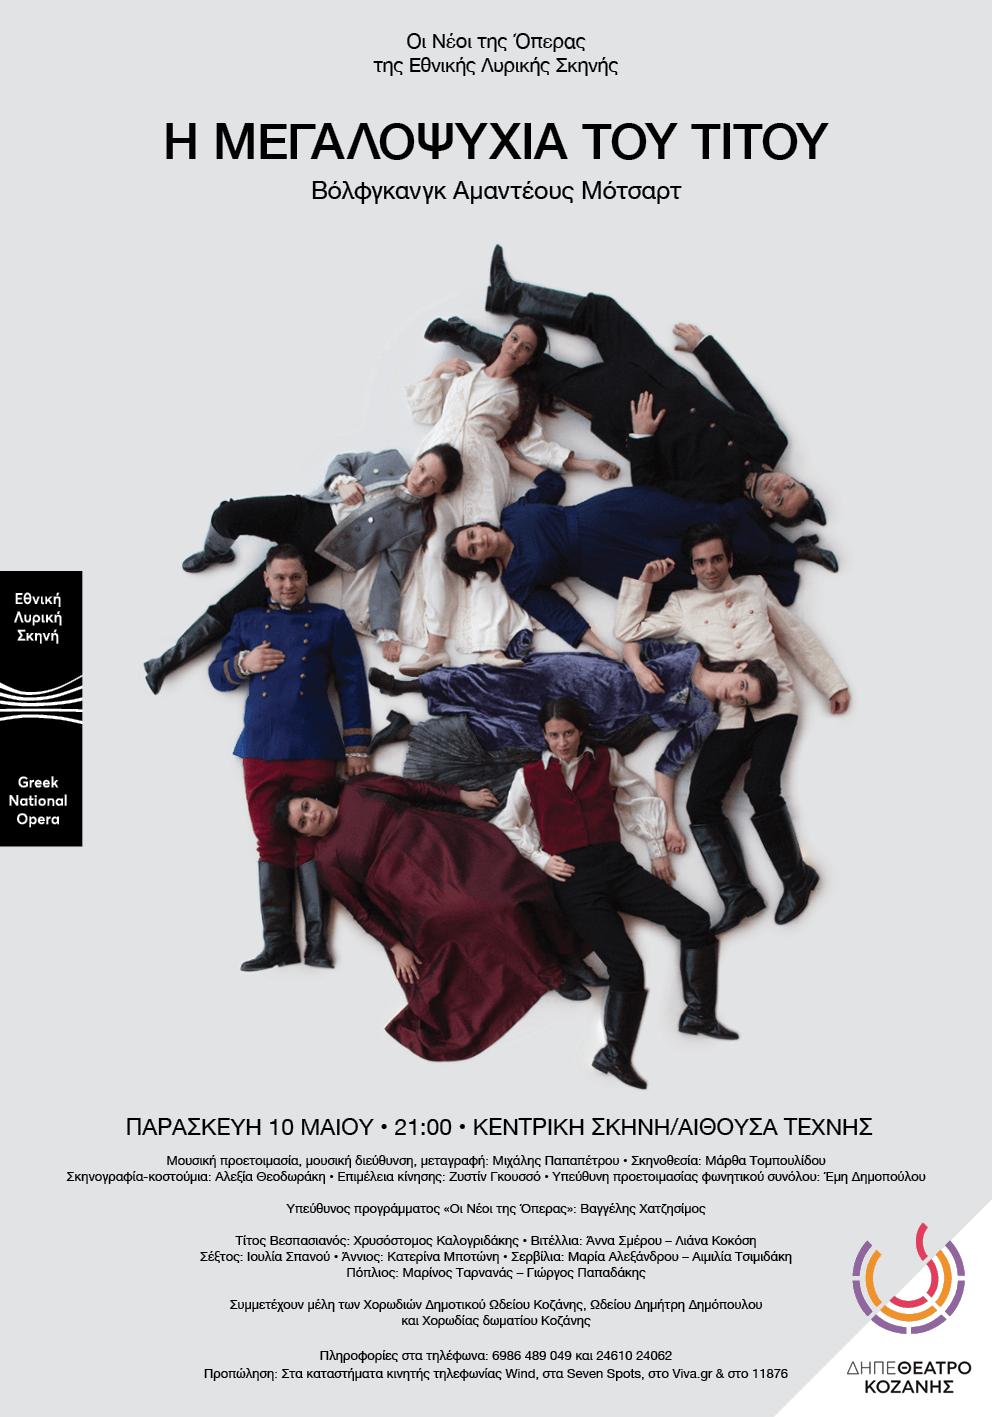 Η Εθνική Λυρική Σκηνή σε Συνεργασίαμε το ΔΗ.ΠΕ. Θέατρο Κοζάνης παρουσιάζει την όπερα του Μότσαρτ«Η Μεγαλοψυχία του Τίτου»